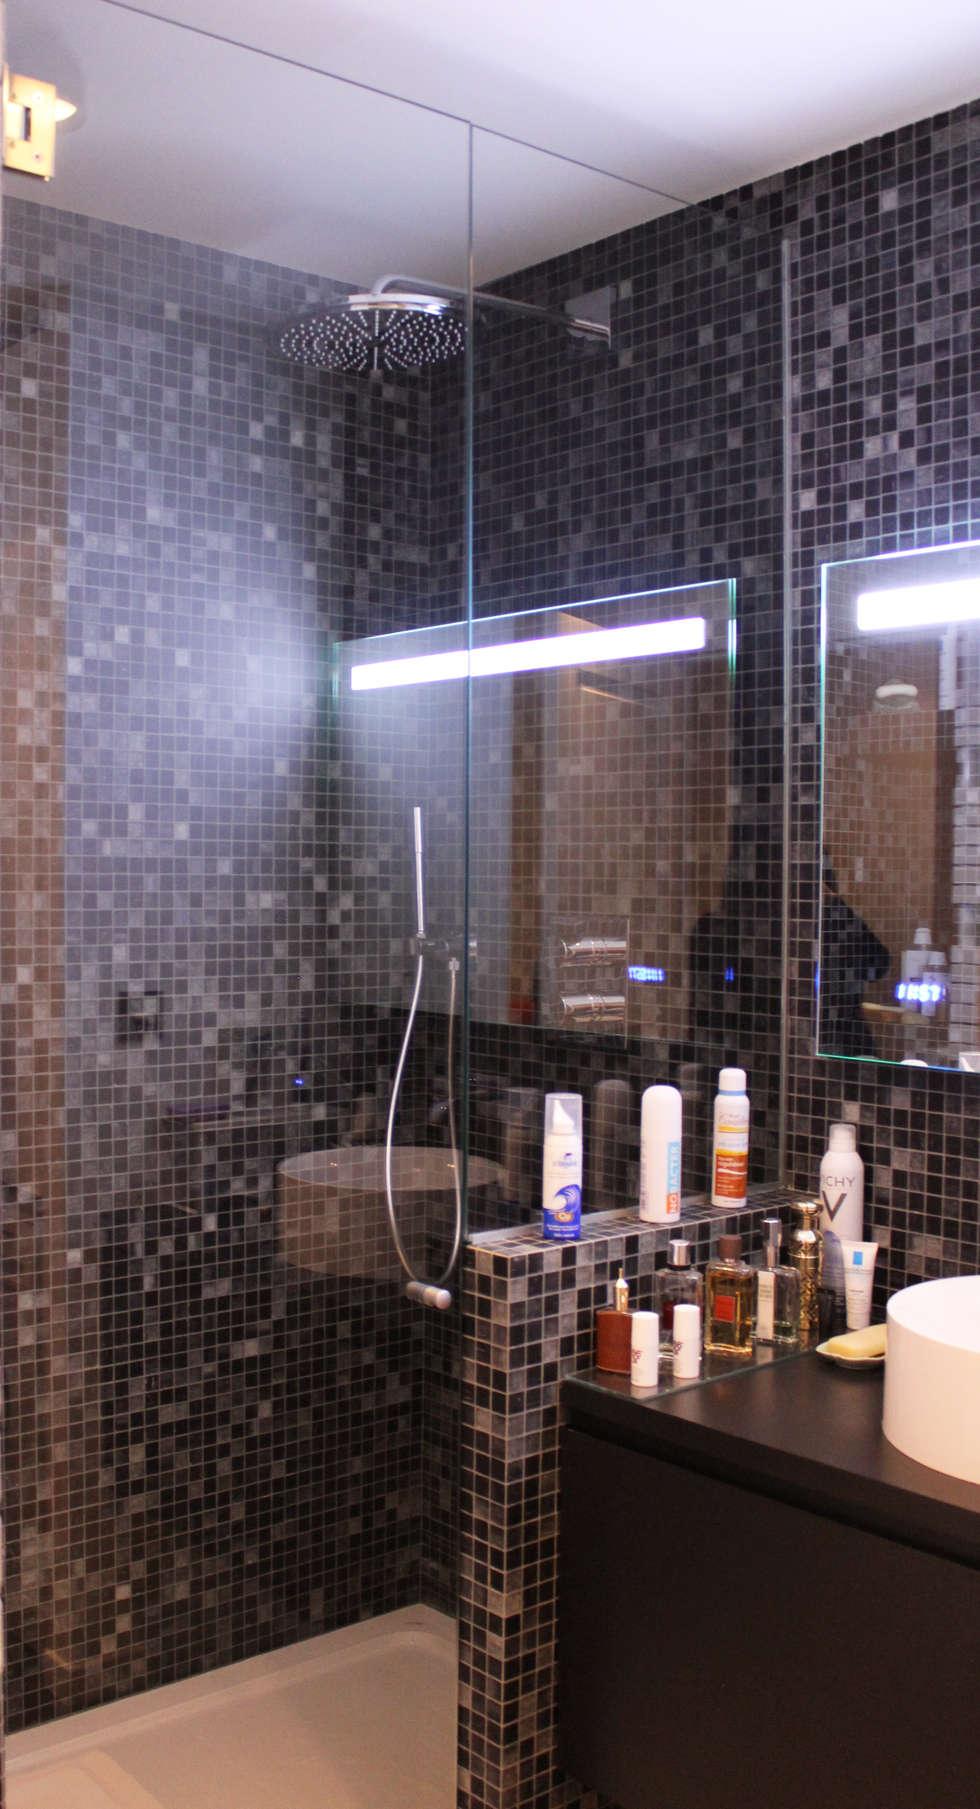 Salle de bain mosaïque noire: Salle de bains de style  par Agence KP